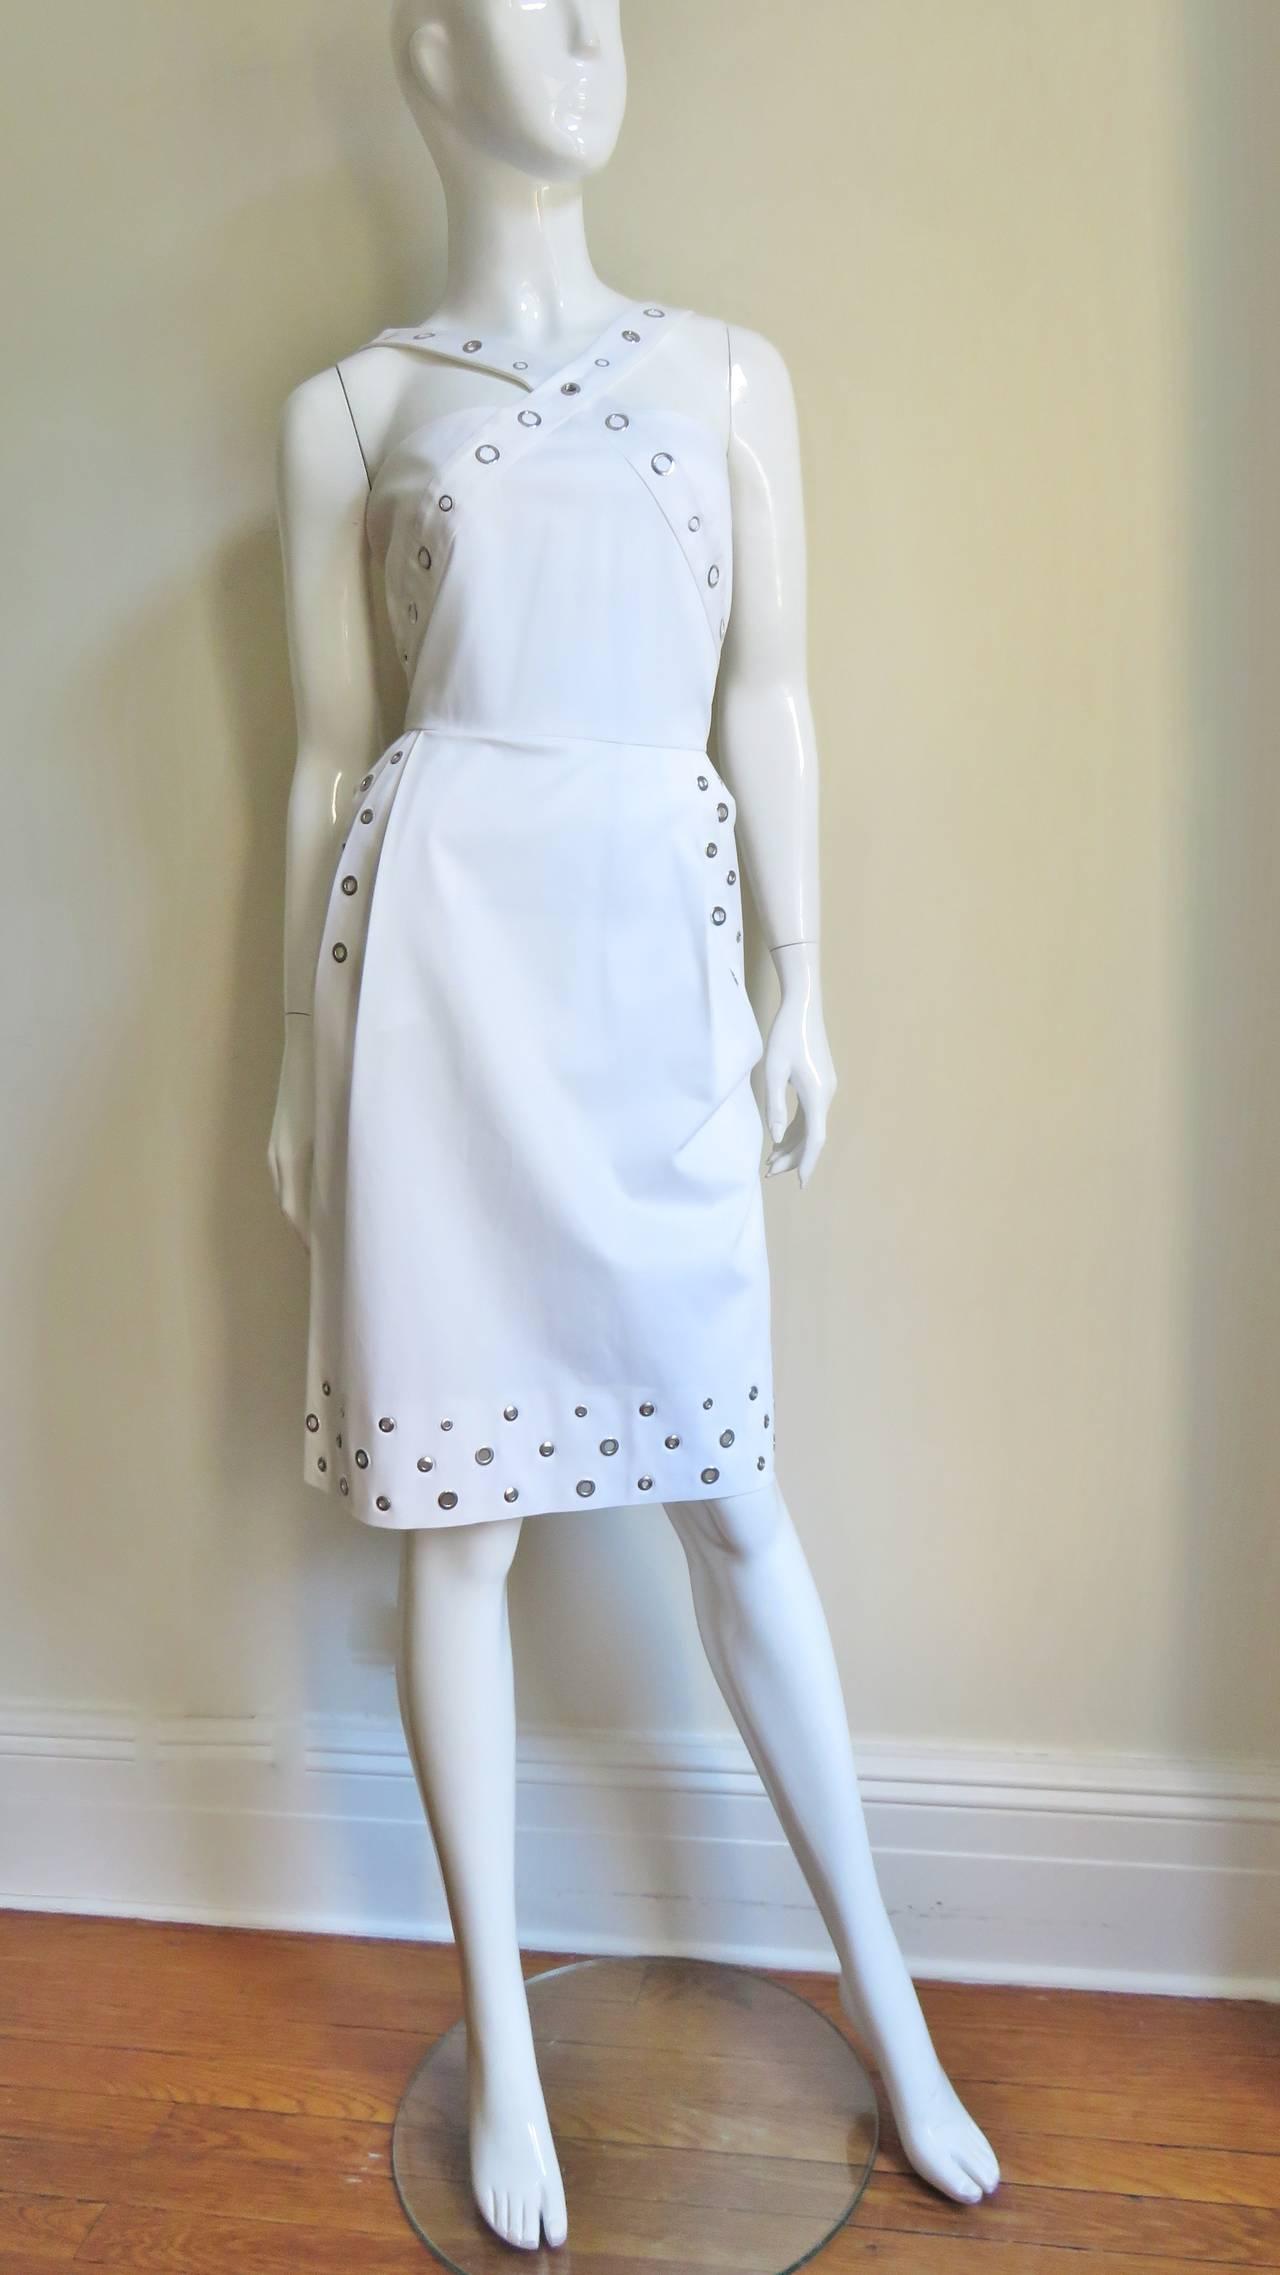 Women's Jean Paul Gaultier Cross Back Dress With Grommets For Sale